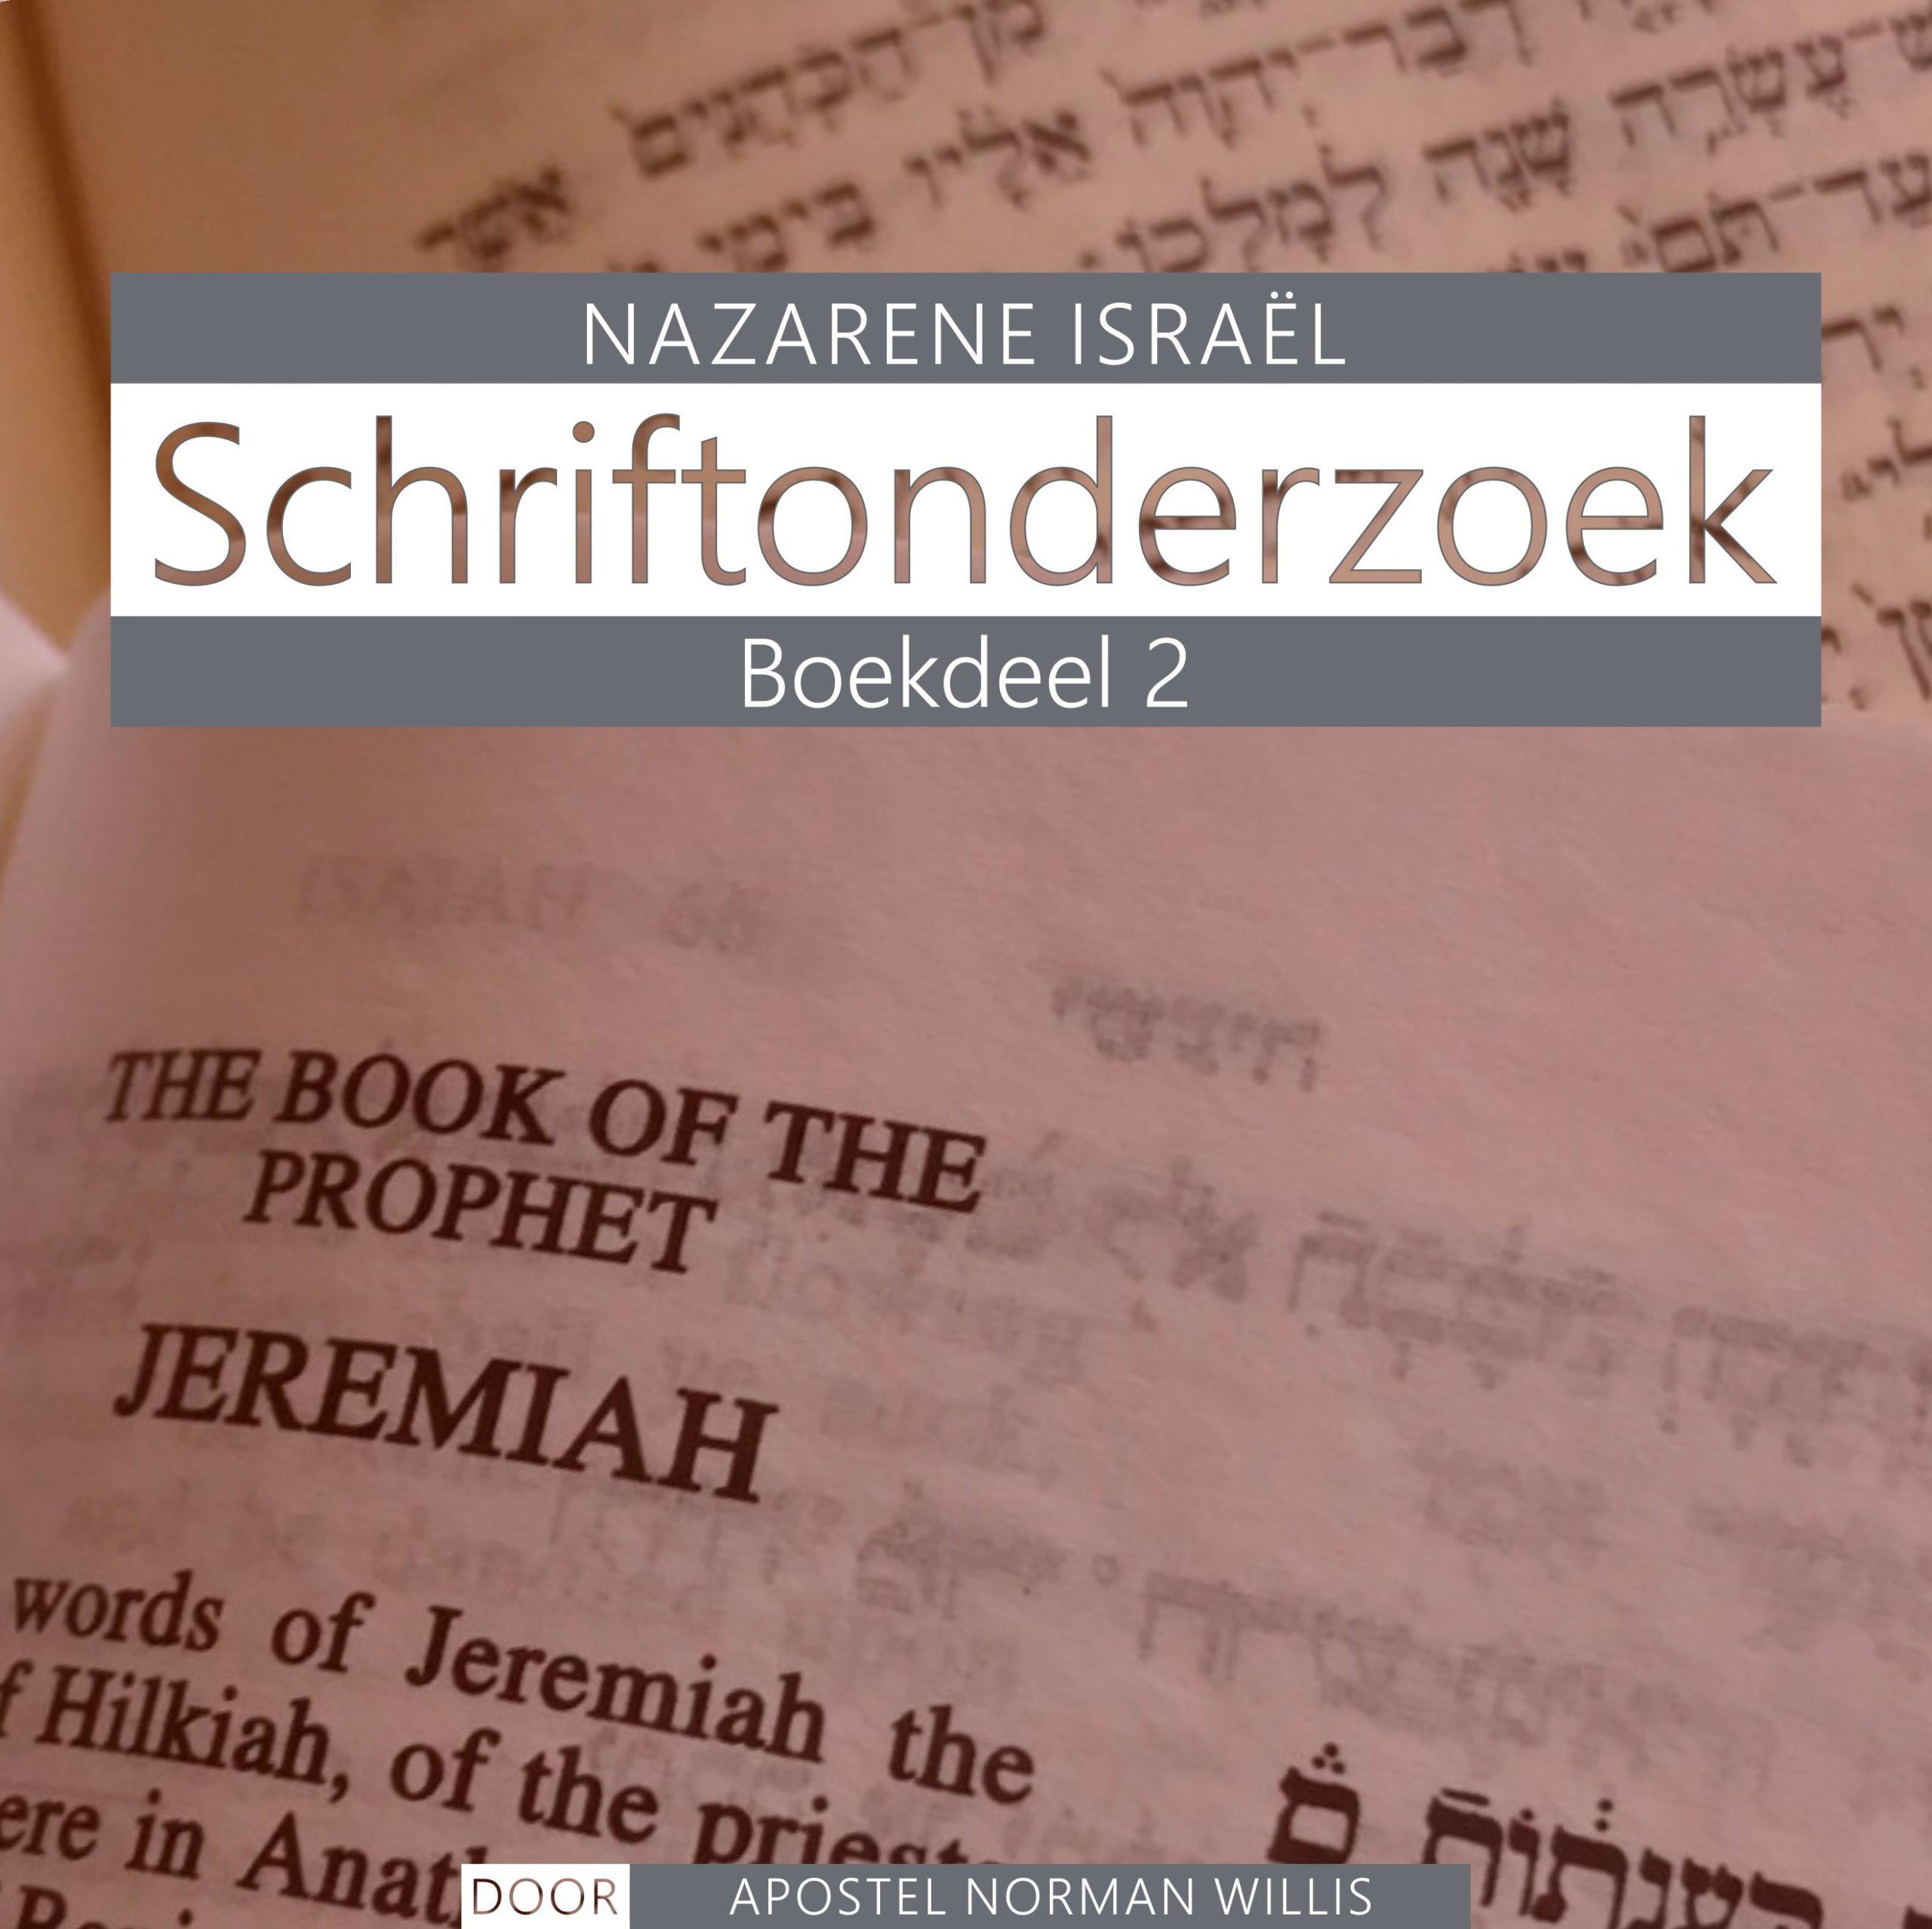 Nazarener Schriftonderzoek Vol. 2